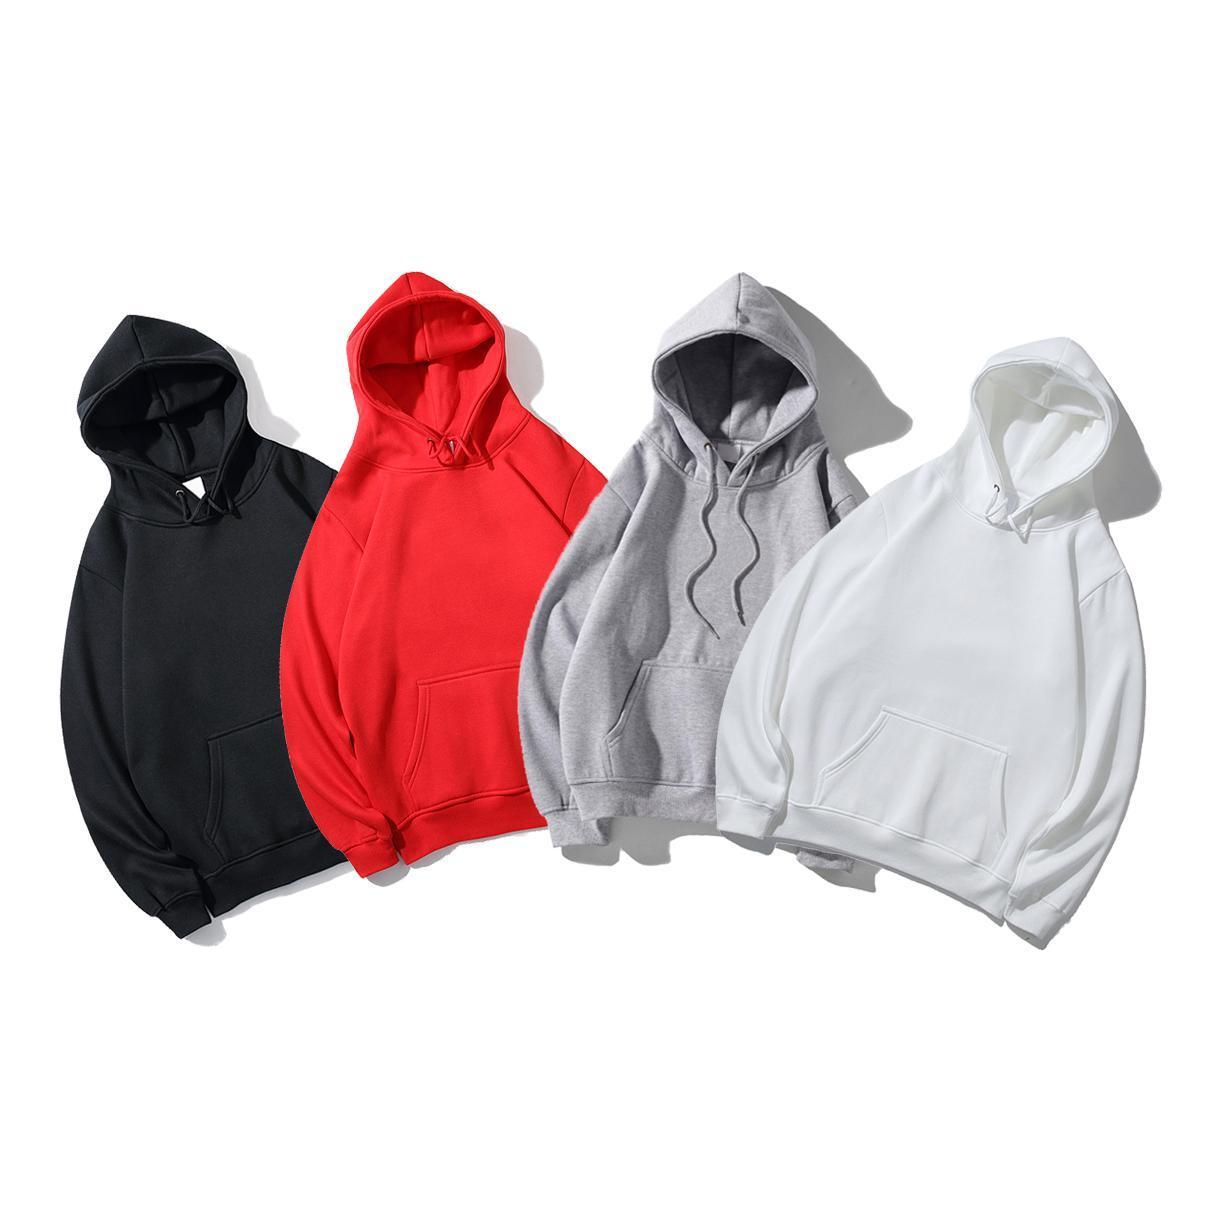 Erkek Hoodie Mektubu Kırmızı Nakış Tasarımcısı Rahat Avrupa ve Amerikan Moda Trend Sonbahar Kış Gevşek Sıcak Giysiler Polar Bayanlar Kapüşonlu Kazak S2021